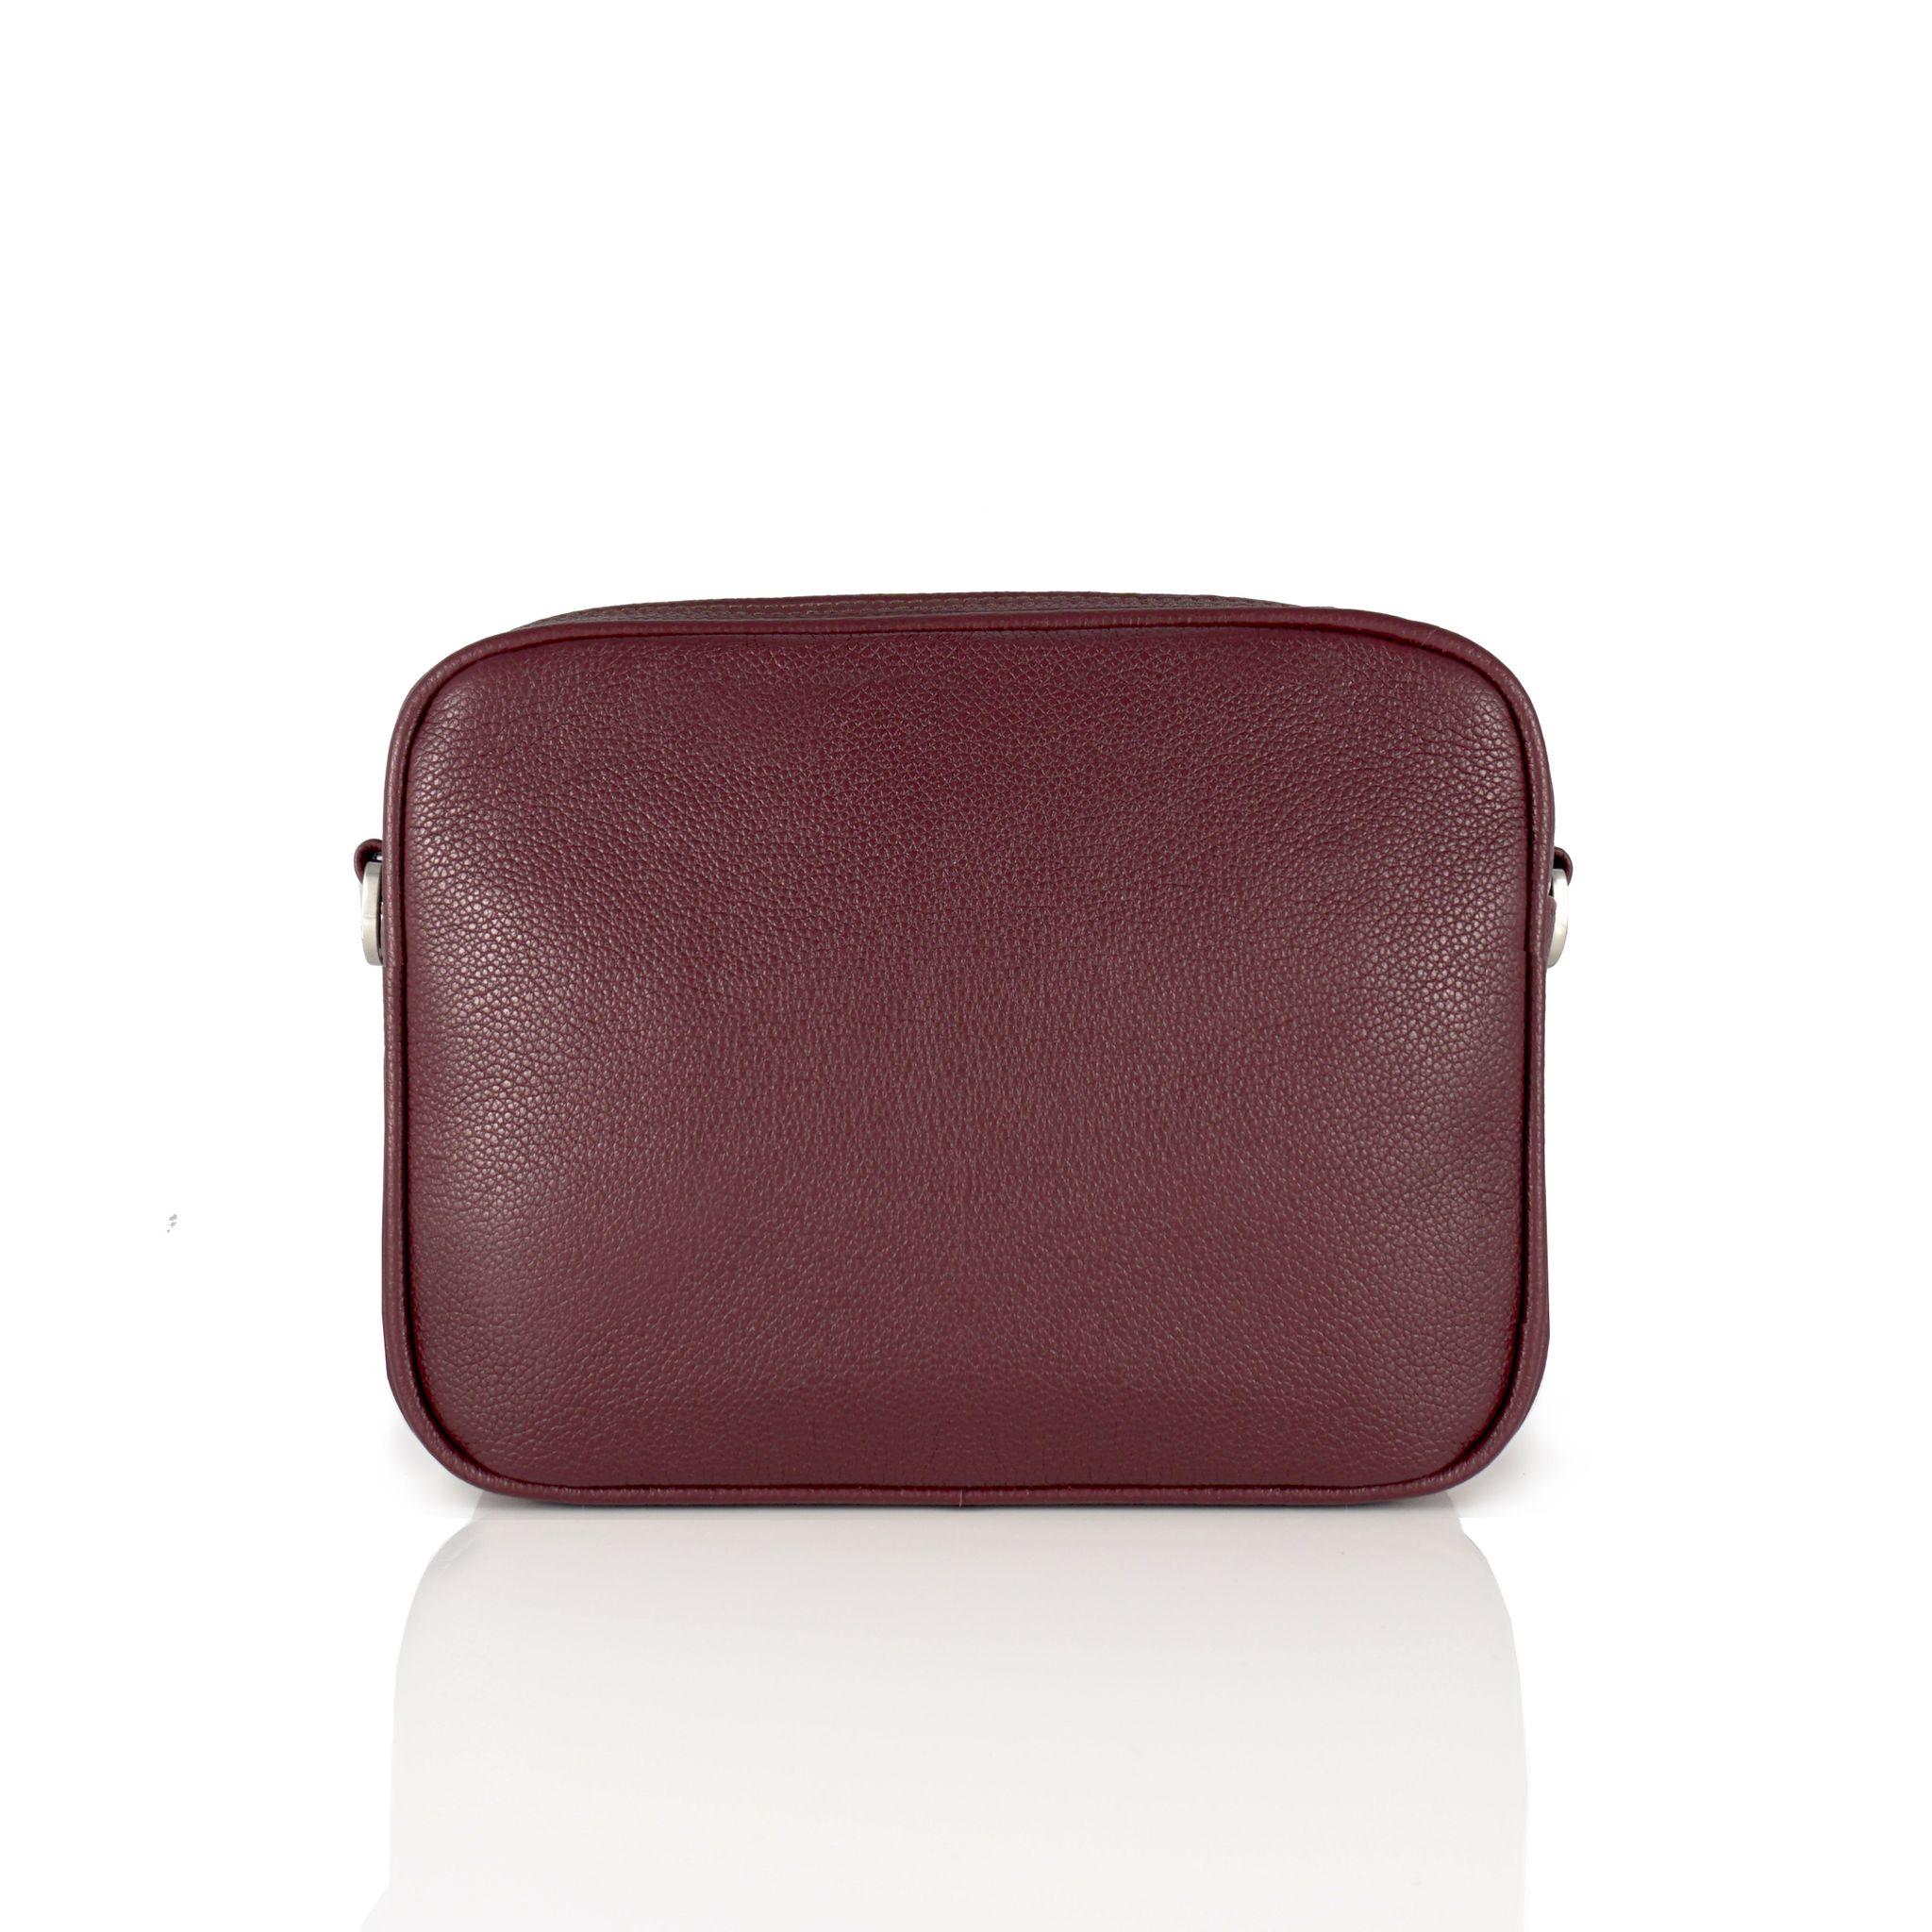 BOXY MIDI BORDO - torebka skórzana - torebka w kształcie pudełka - torebka na suwak - torebka na pasek - torebka w kolorze bakłażanu - Rozwadowska Bags